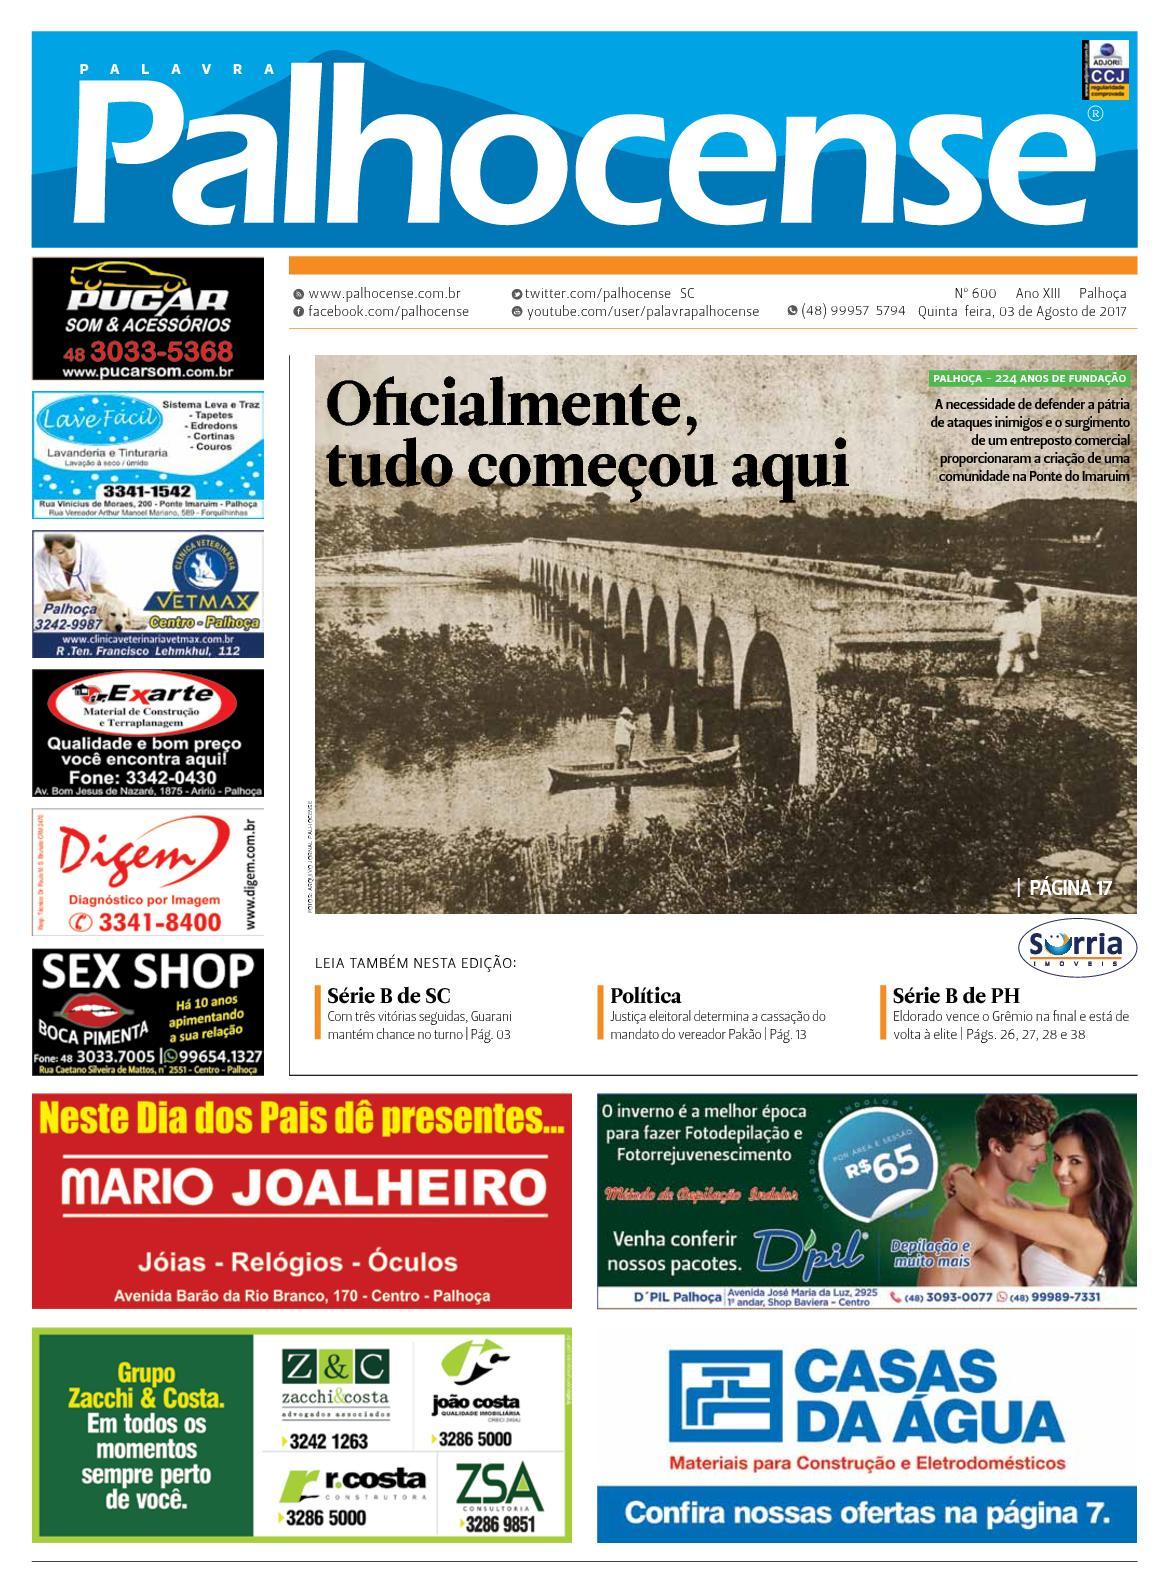 a078acf06e Calaméo - JORNAL PALAVRA PALHOCENSE - EDIÇÃO 600